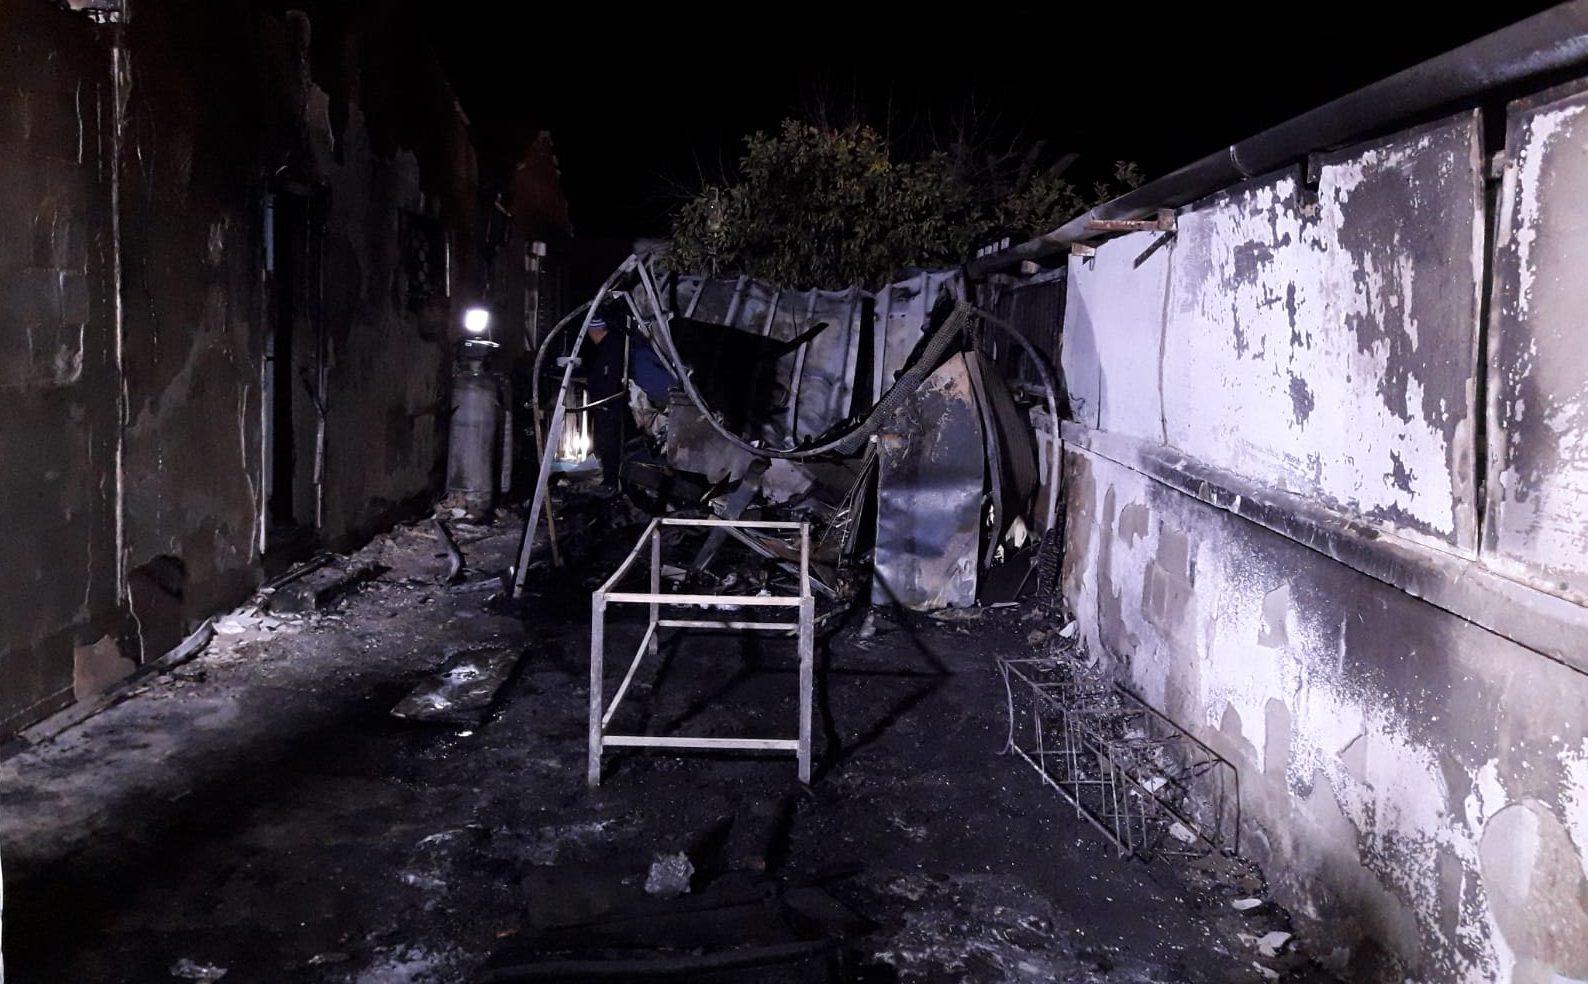 שריפה פרצה בדירה בירוחם – 3 ילדים נפגעו באורח קל